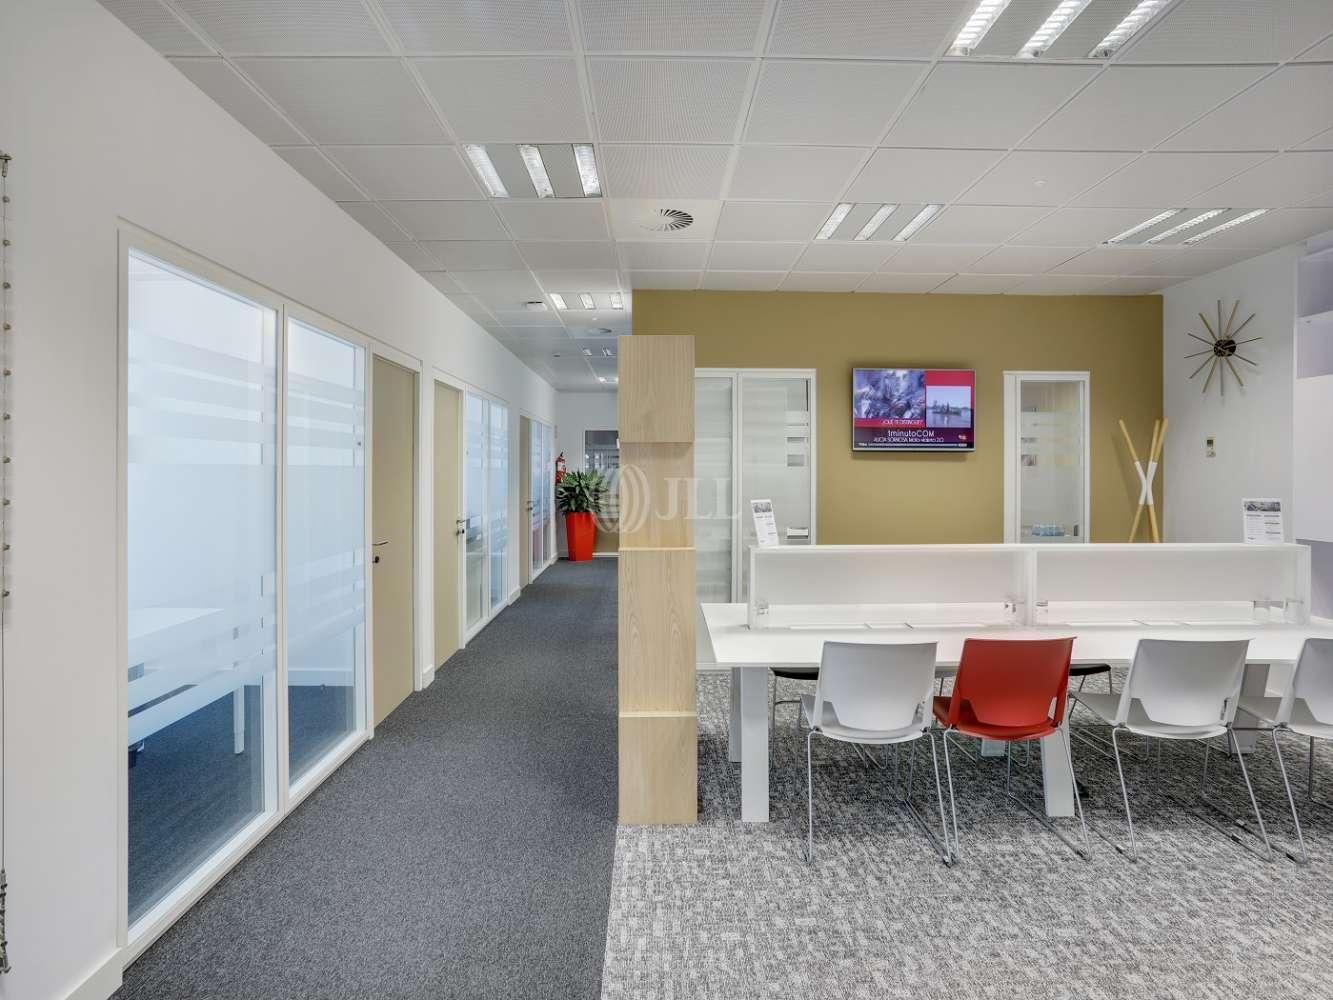 Oficina Madrid, 28050 - Coworking - Fuente de la Mora - 20243